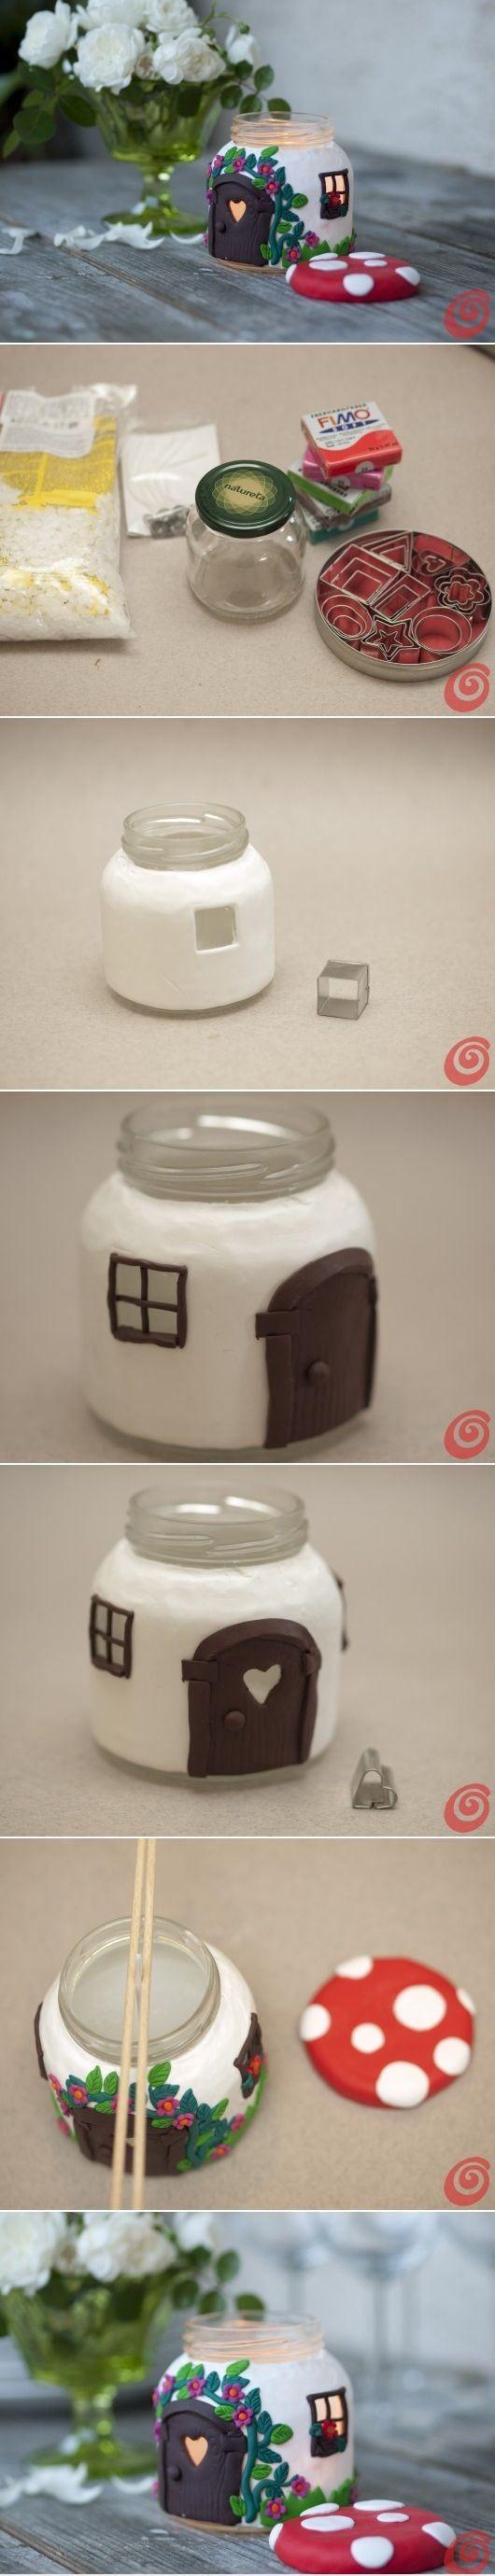 DIY Jar Mushroom House